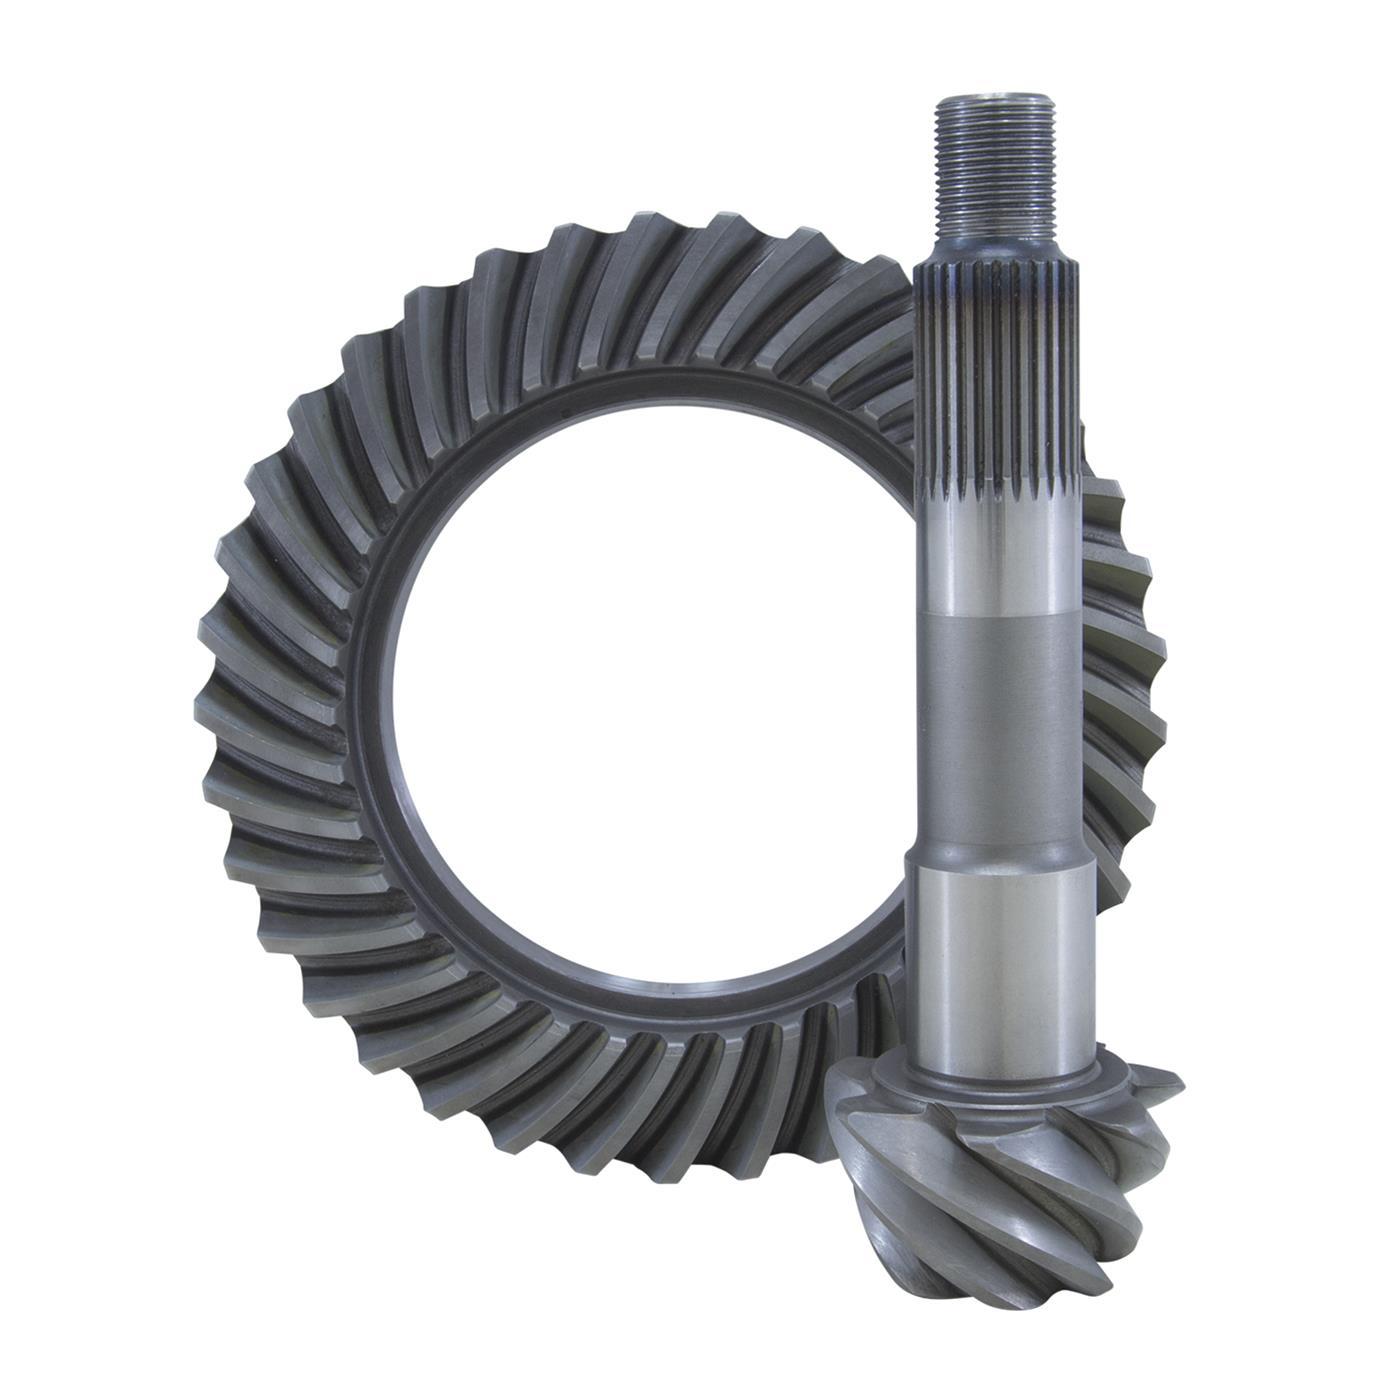 Yukon Gear Ring /& Pinion Sets YG TLCF-373R-CS Ring /& Pinion Gear Sets Yukon Gear /& Axle